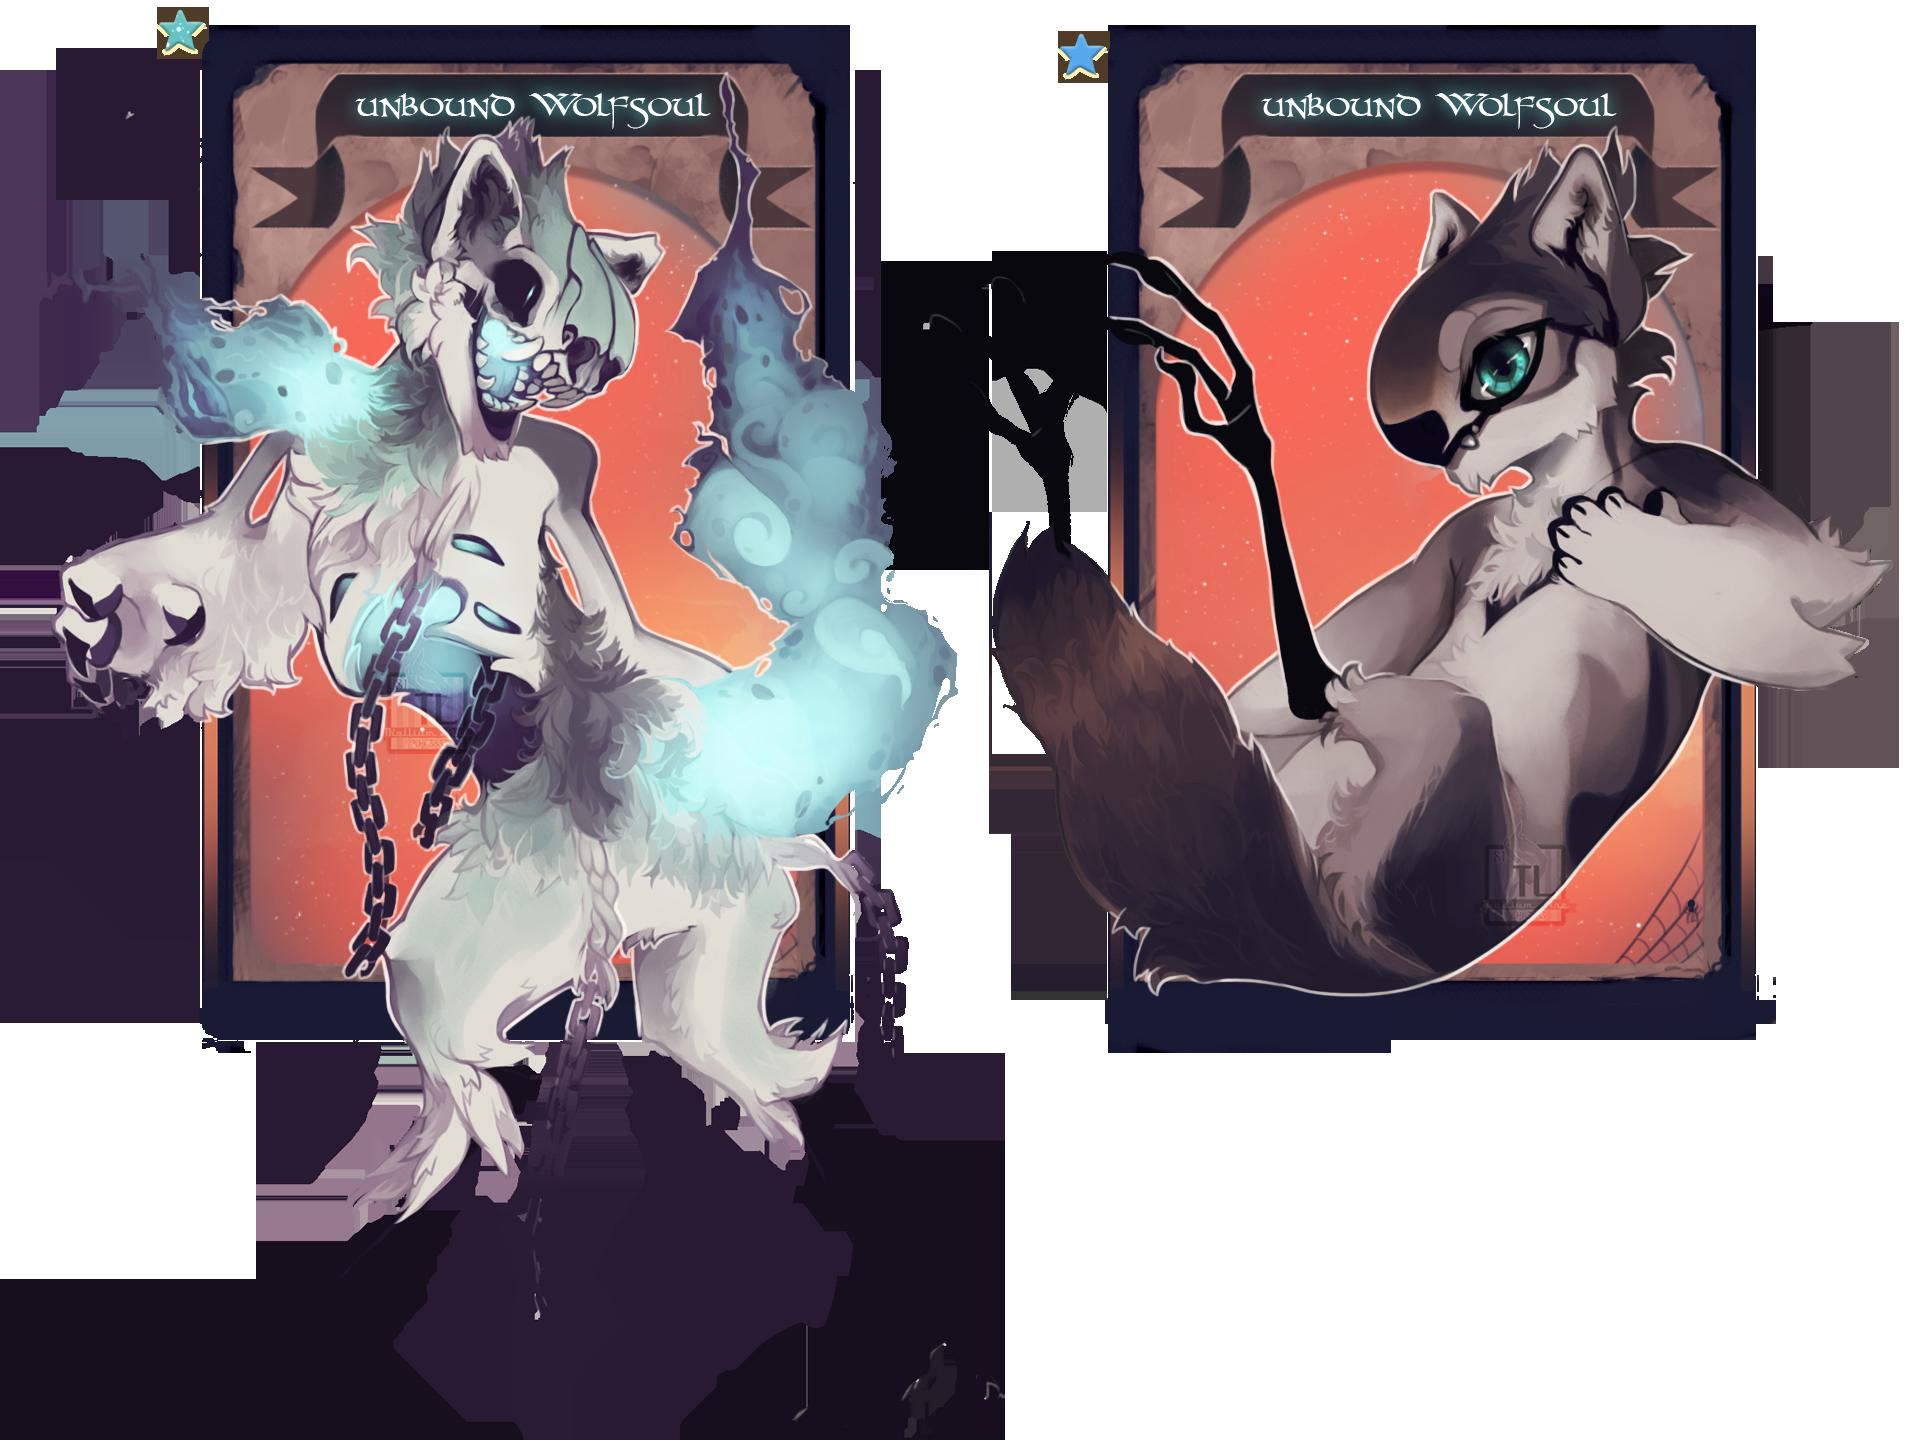 Unbound Wolfsoul [NN] by Thalliumfire